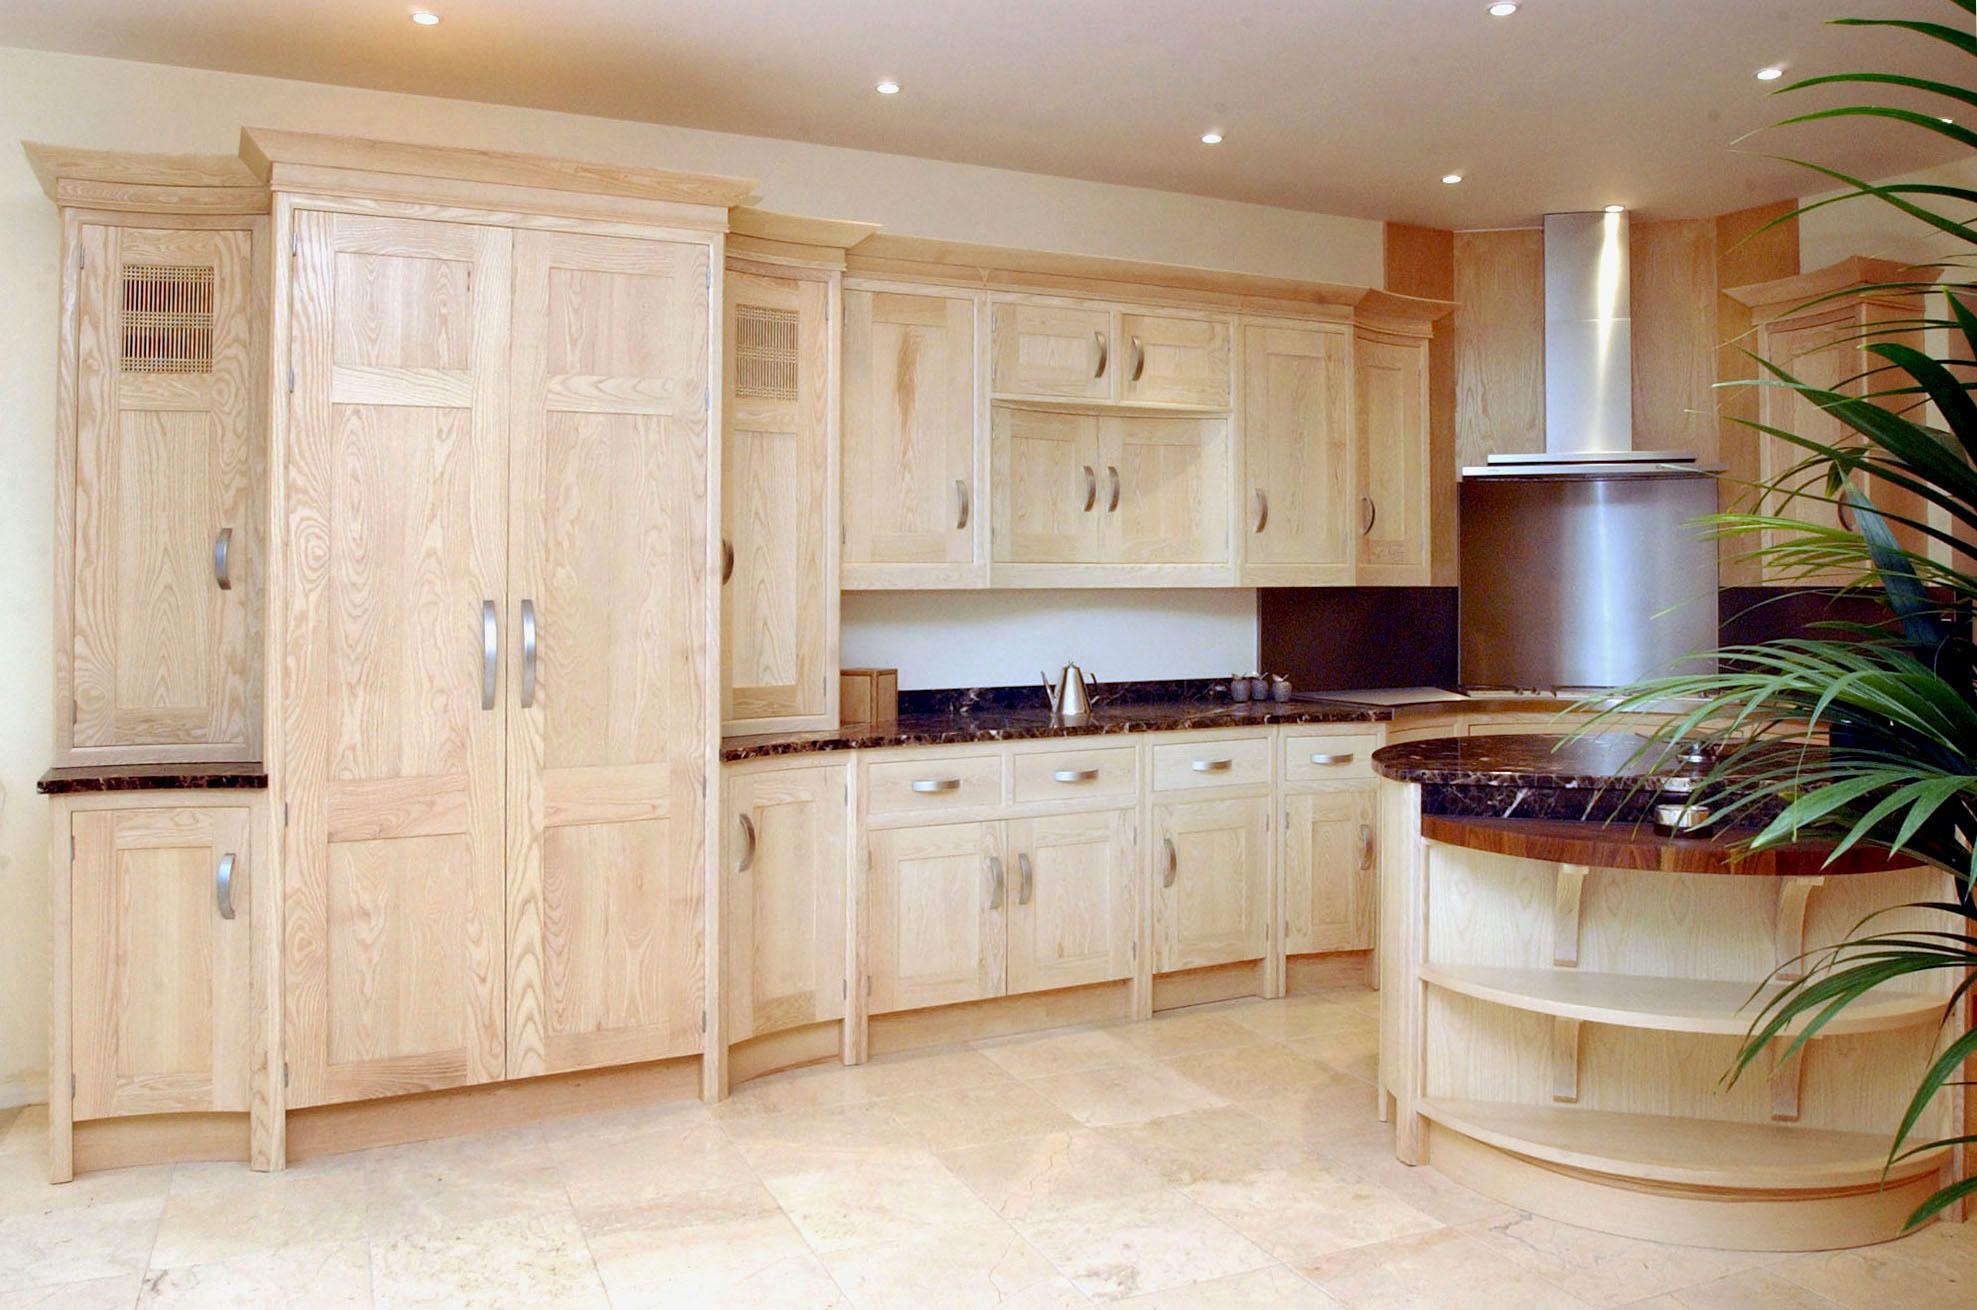 kitchen sofas laura ashley sofa bed australia light oak furniture bespoke kitchens and